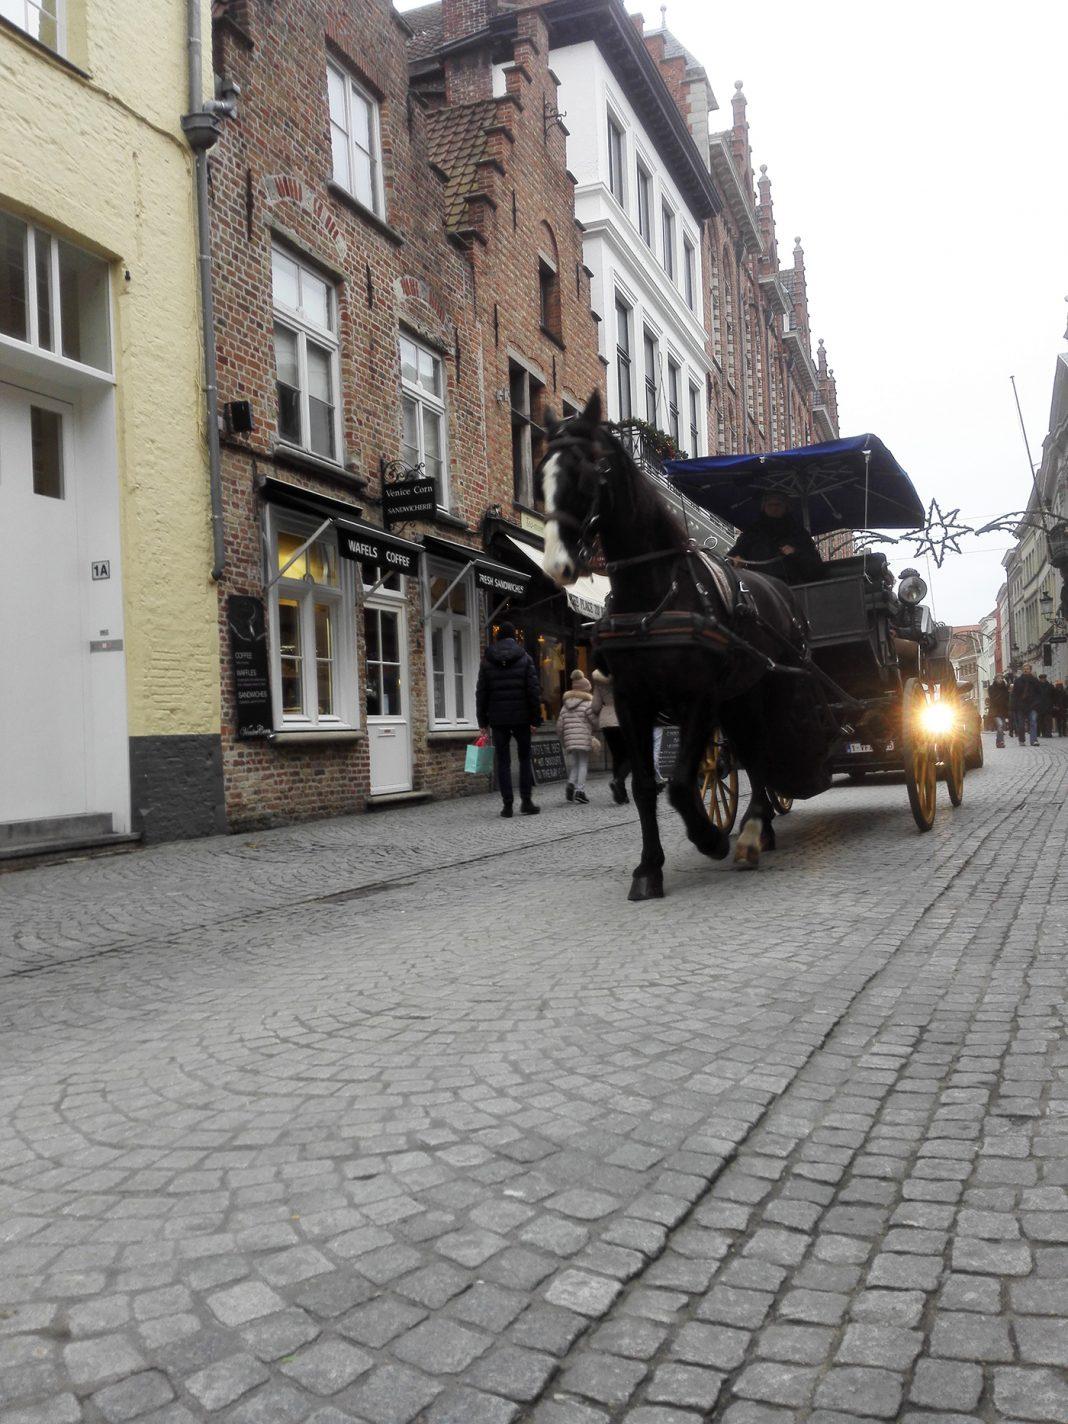 Neem de paardenkoets tijdens je stedentrip Brugge